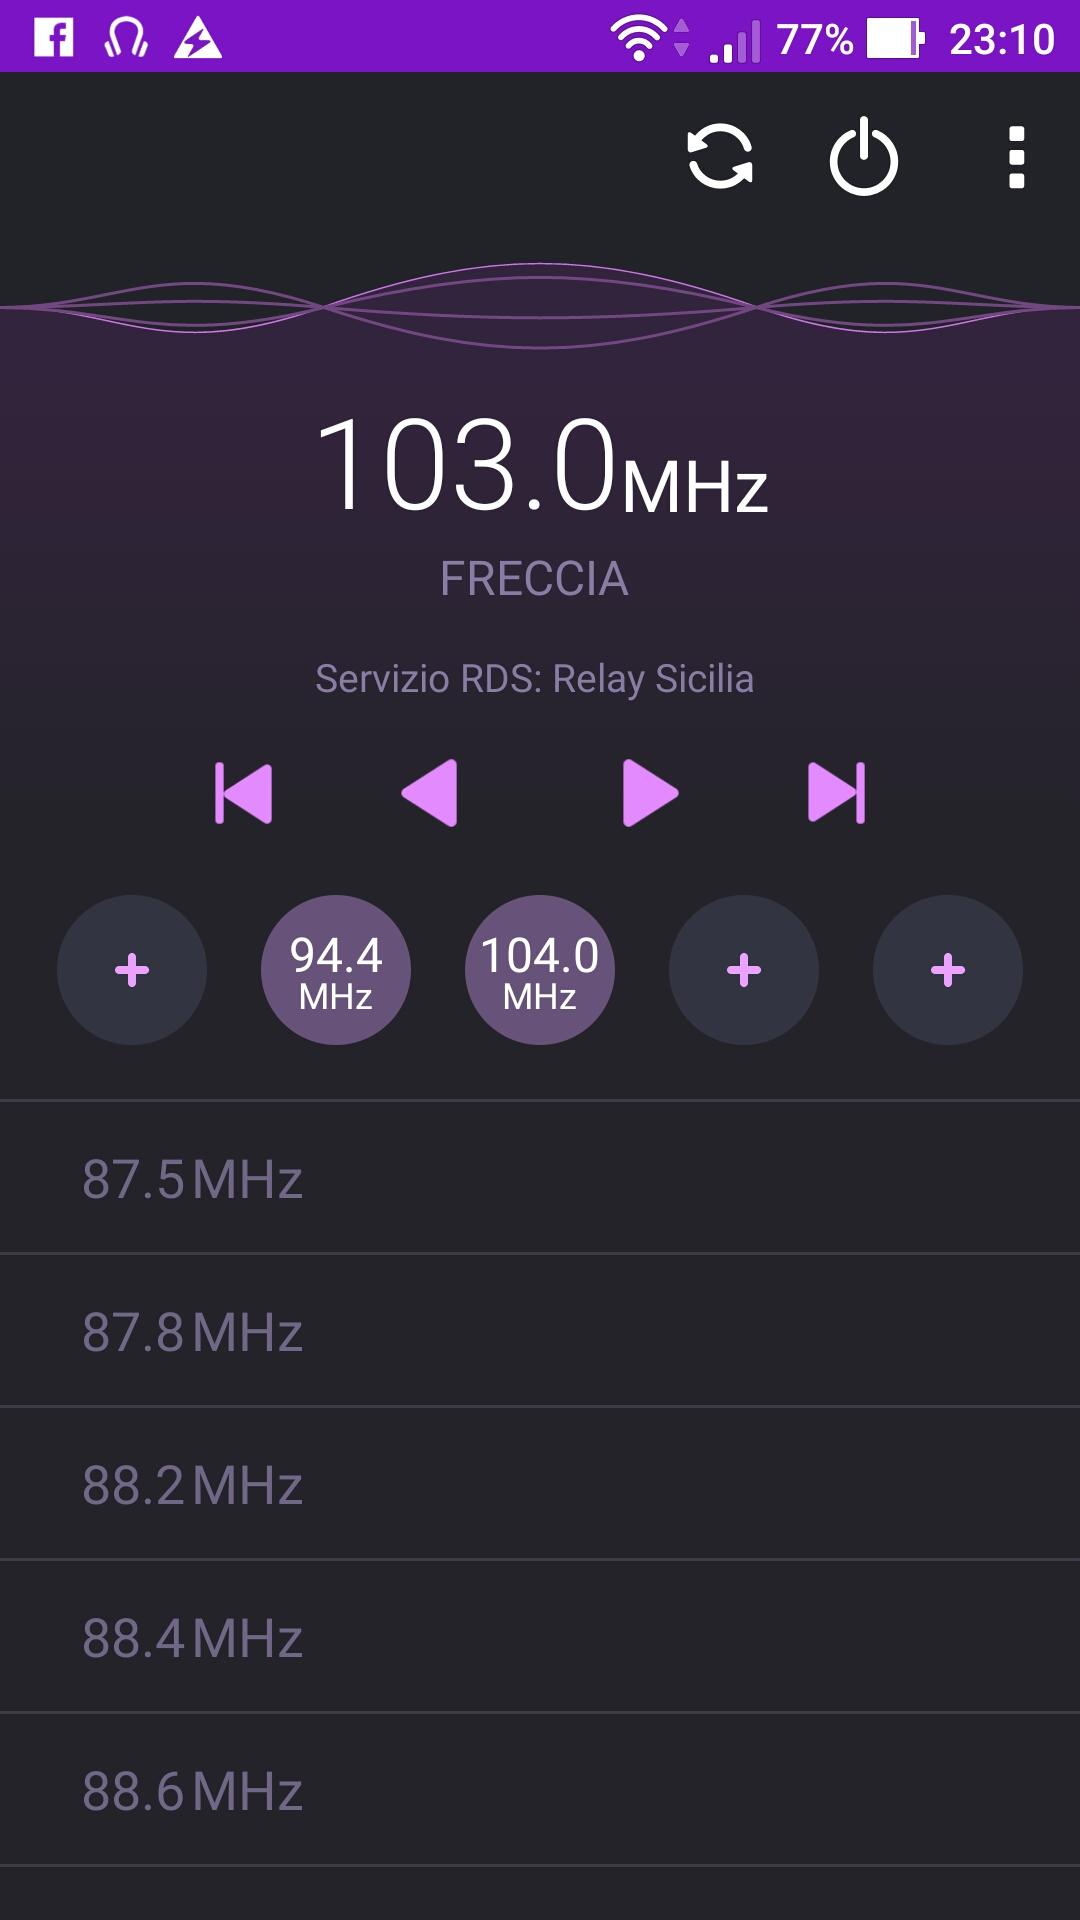 Chiude Radio Video 3, Arriva Radio Freccia